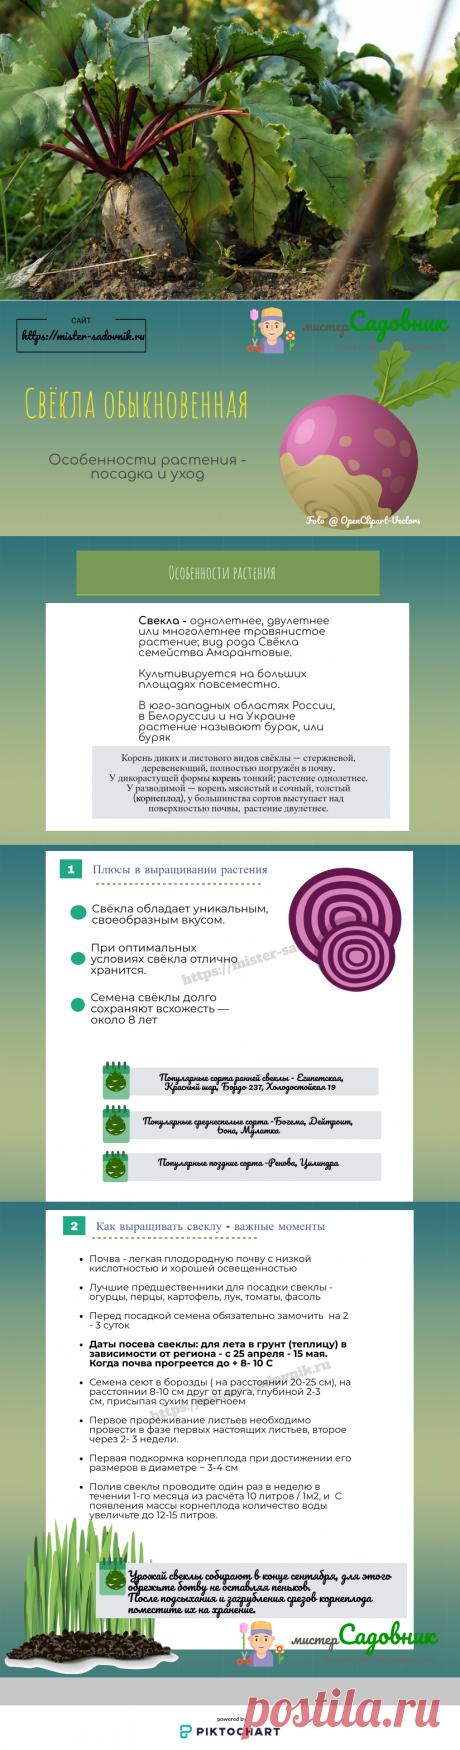 Как выращивать свеклу в открытом грунте из семян - схема и описание